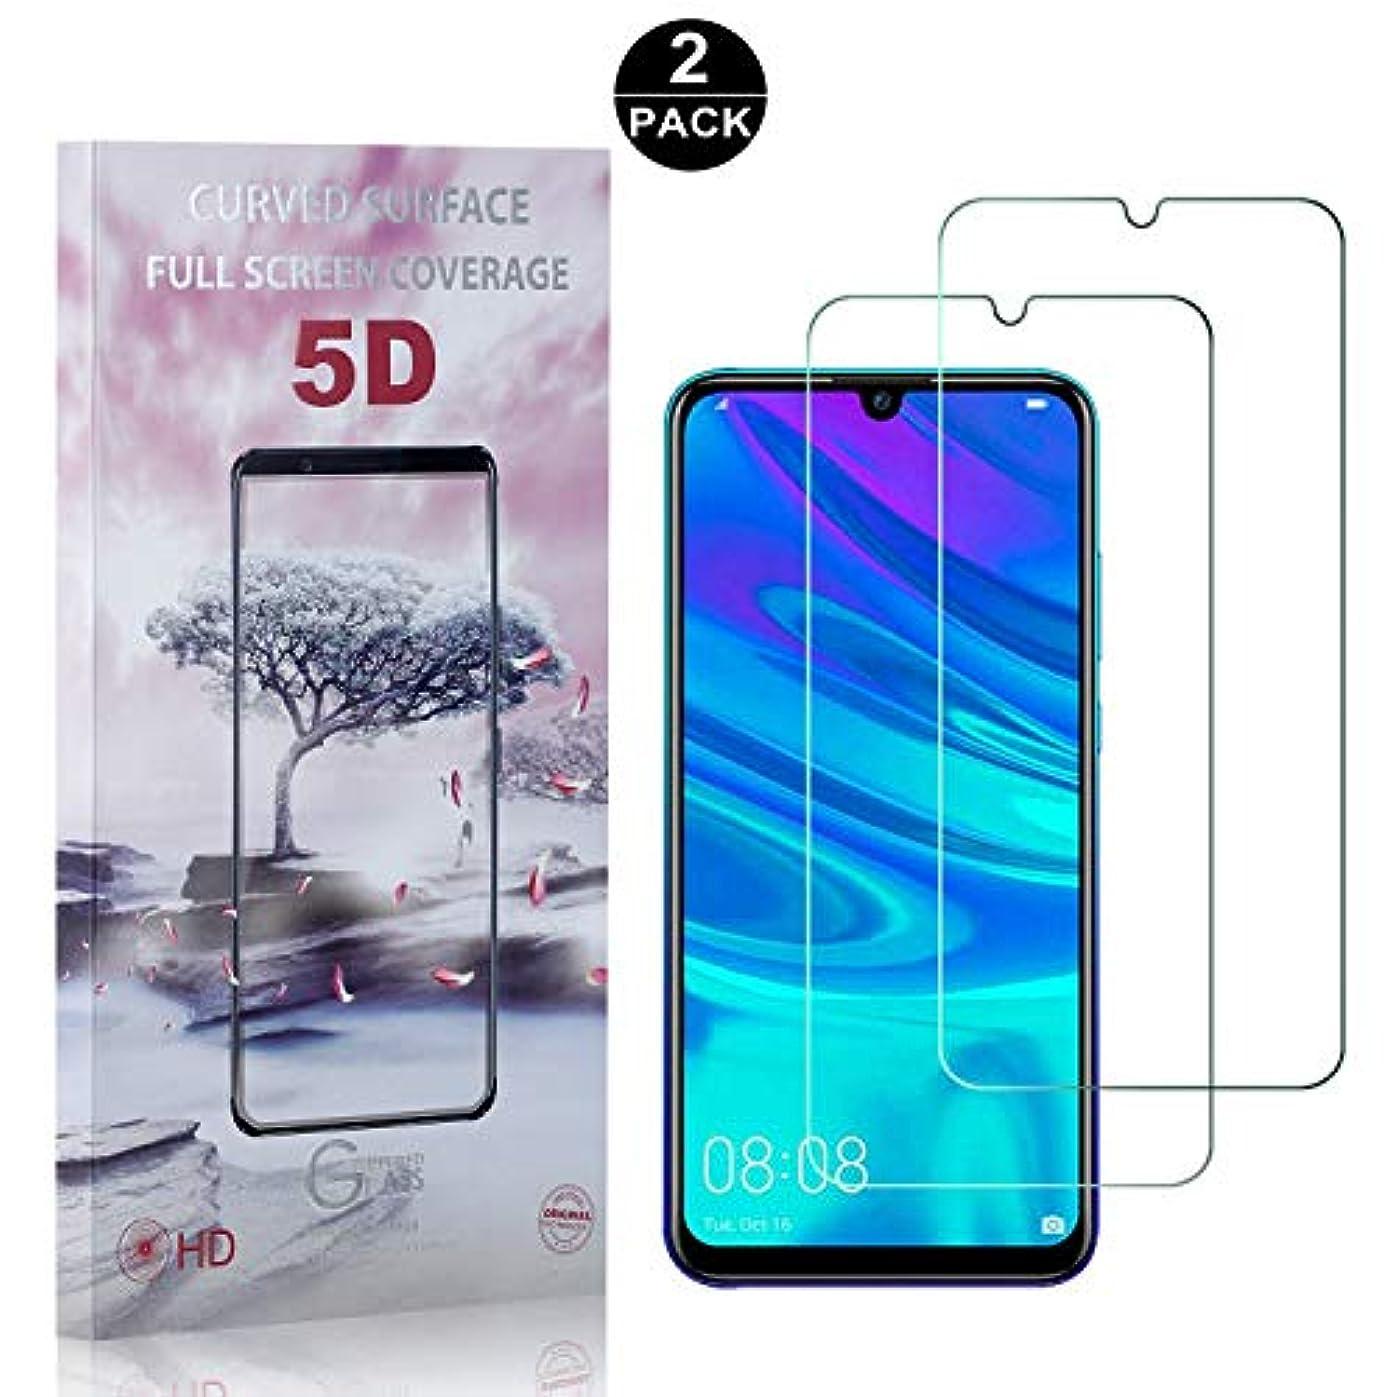 マッシュ遺伝的この【2枚セット】 Huawei Honor 10i 硬度9H ガラスフィルム CUNUS Huawei Honor 10i 専用設計 強化ガラスフィルム 高透明度で 99%透過率 気泡防止 耐衝撃 超薄 液晶保護フィルム